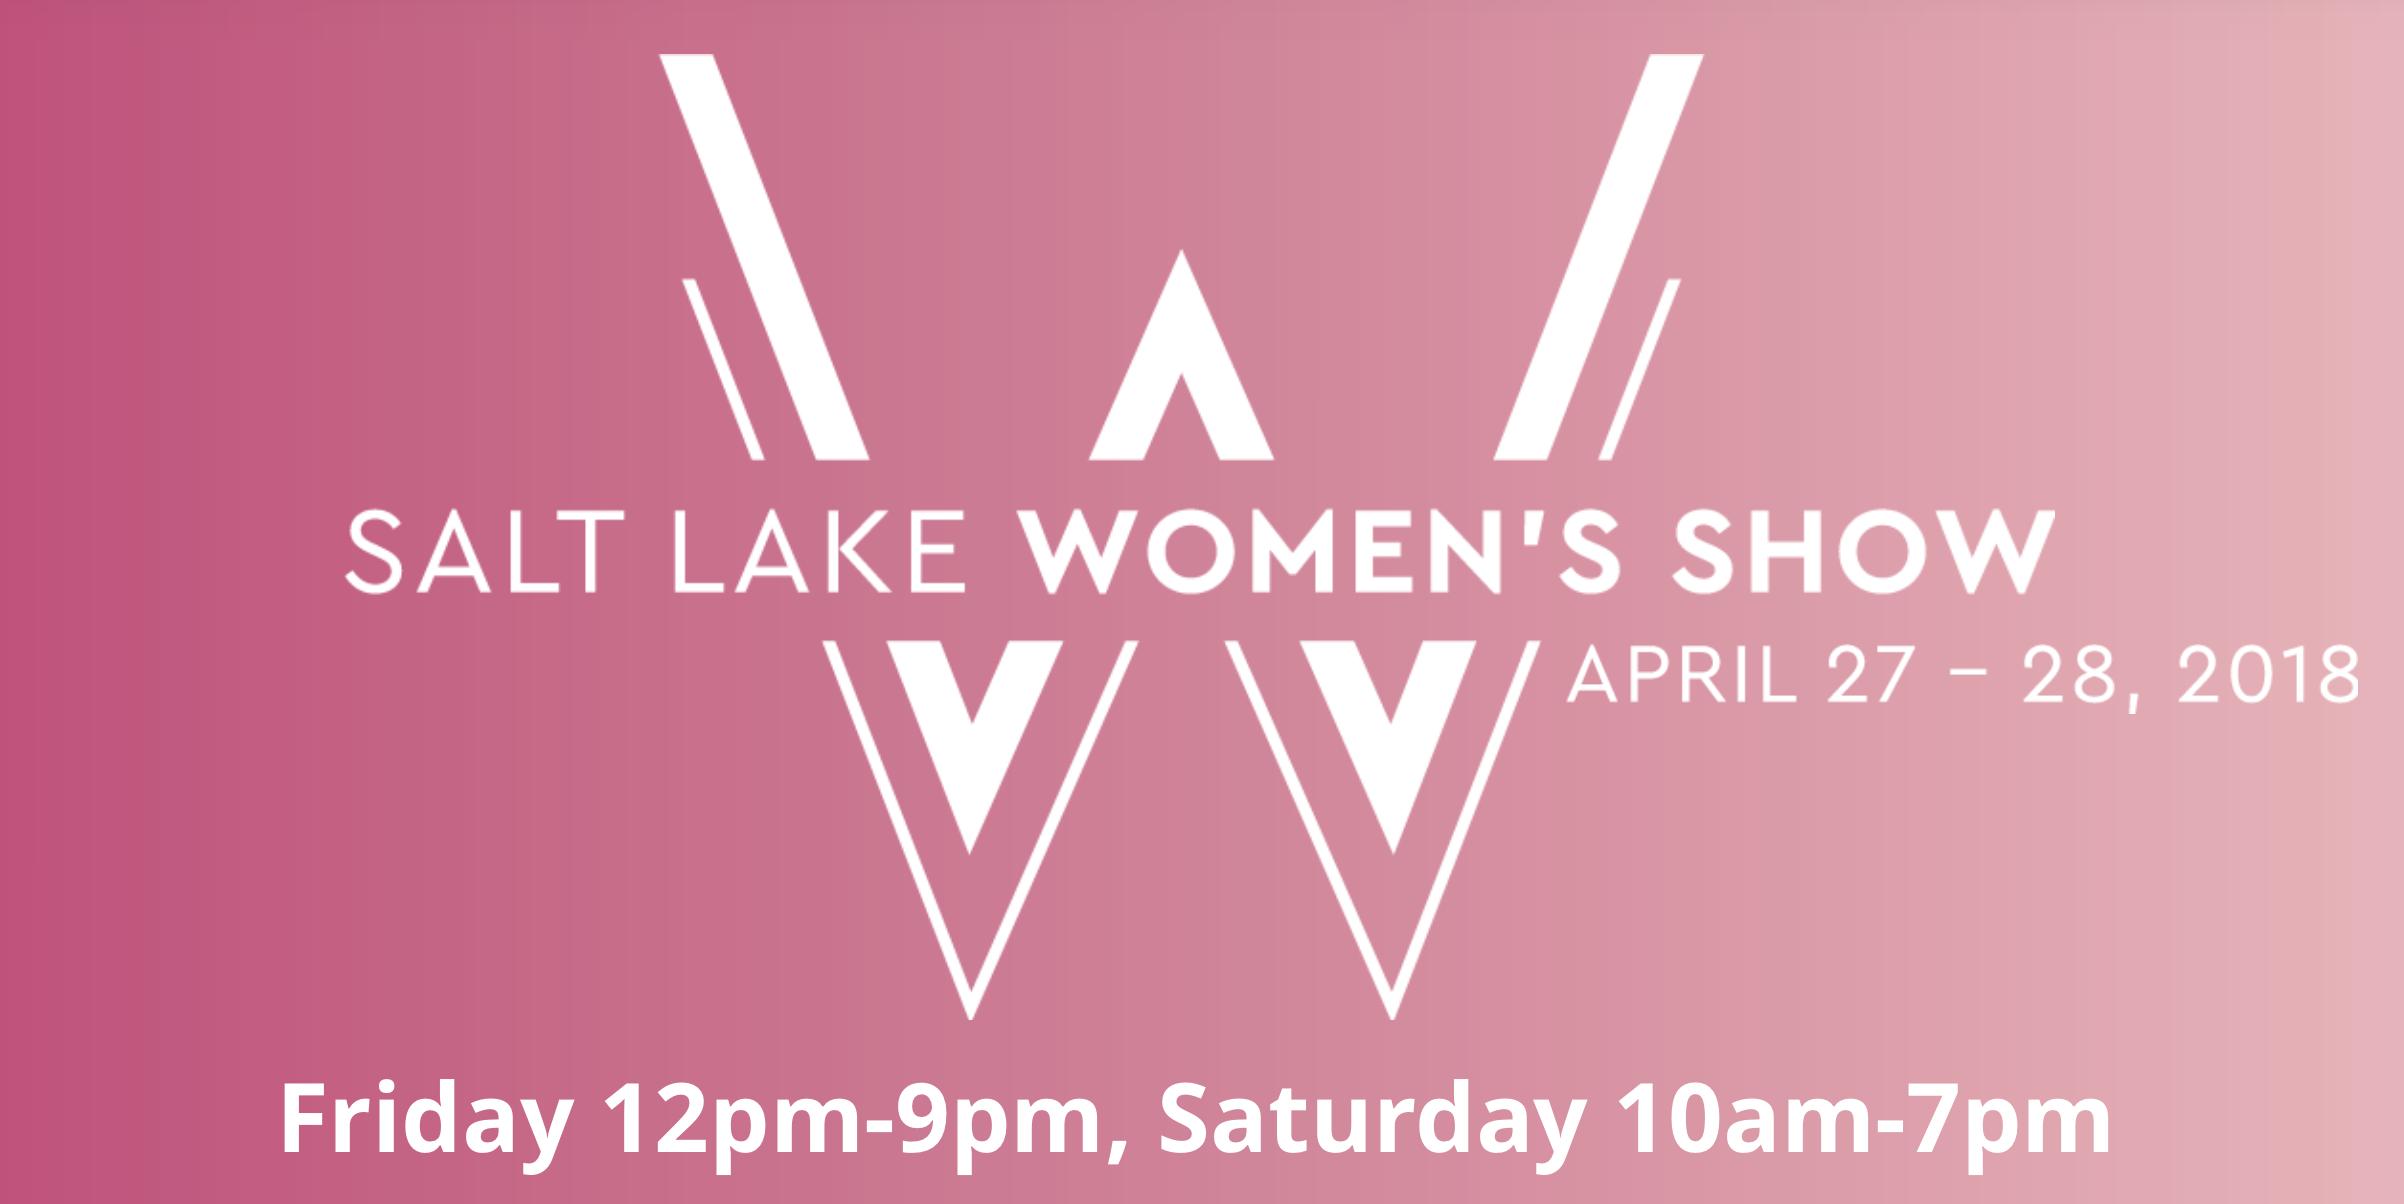 Aviva Woman @ Salt Lake Women's Show